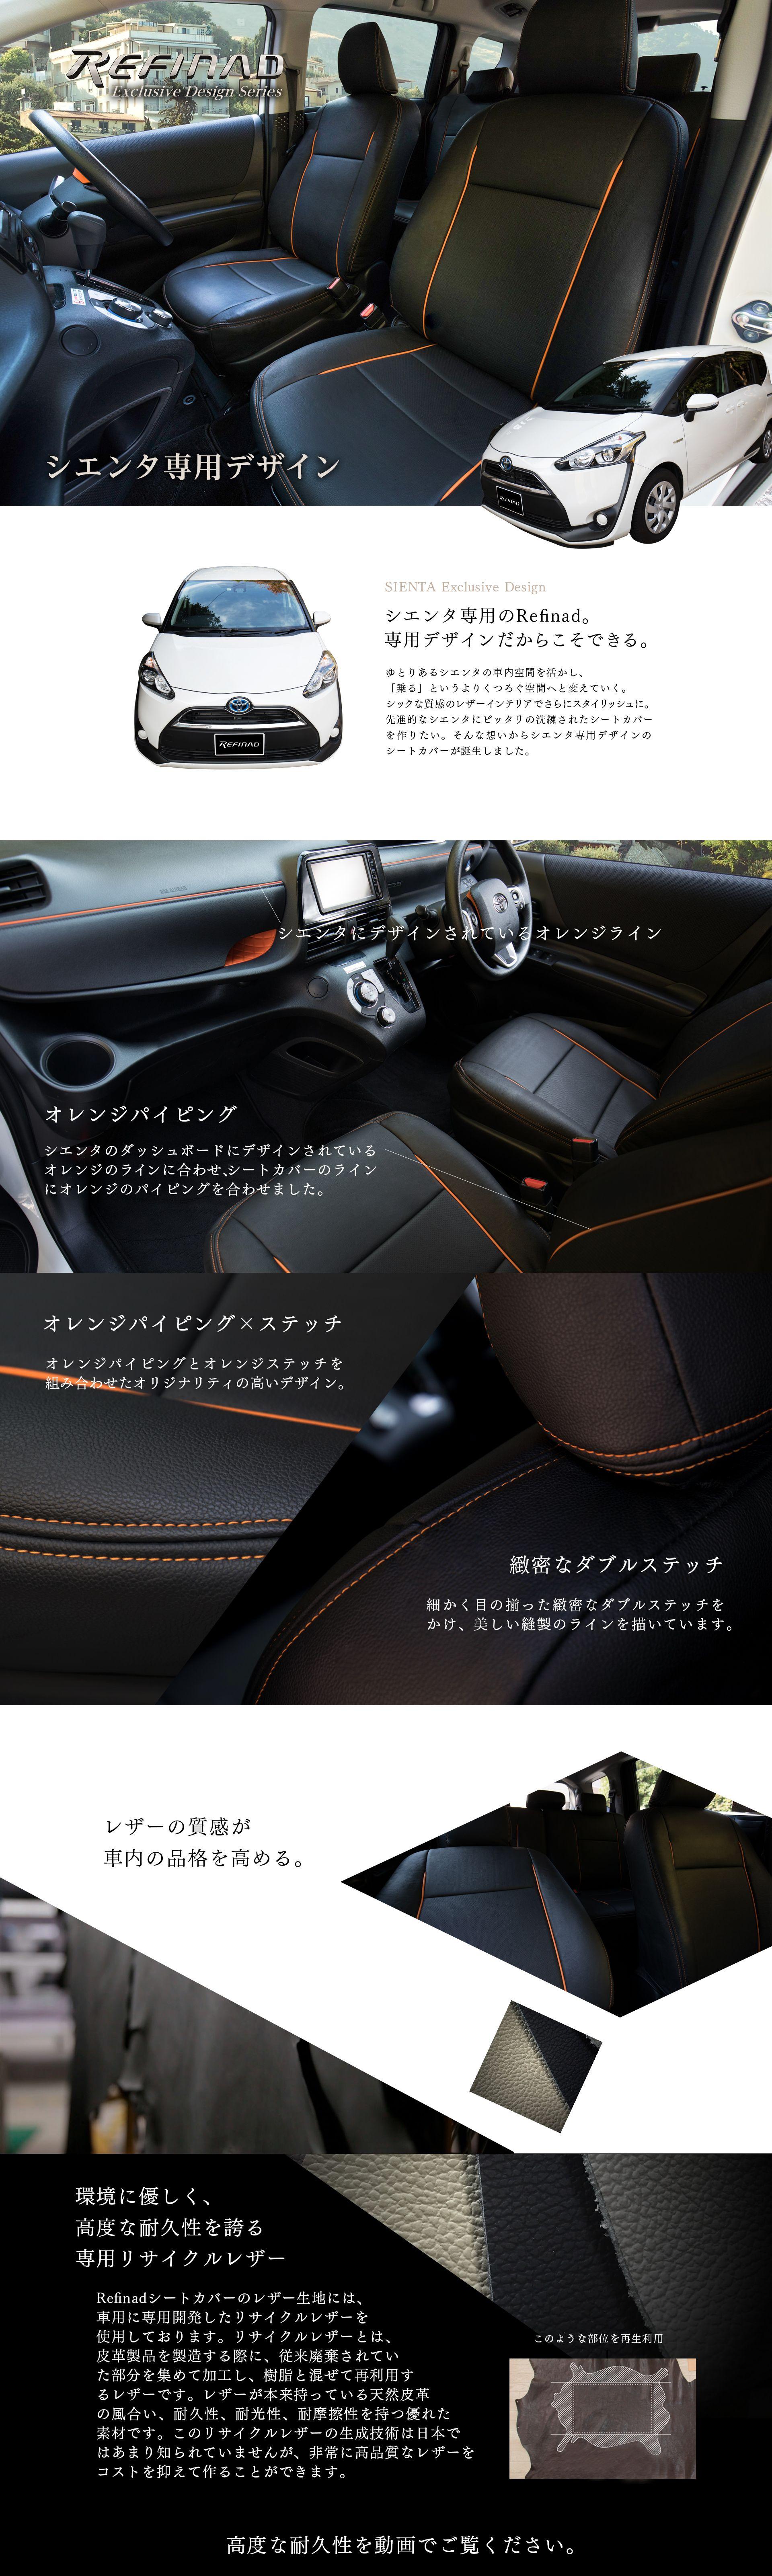 Refinad Exclusive Design Serires シエンタ専用デザイン Refinadだからできる。シエンタ車内のオレンジラインに合わせたオレンジパイピングとオレンジステッチ。